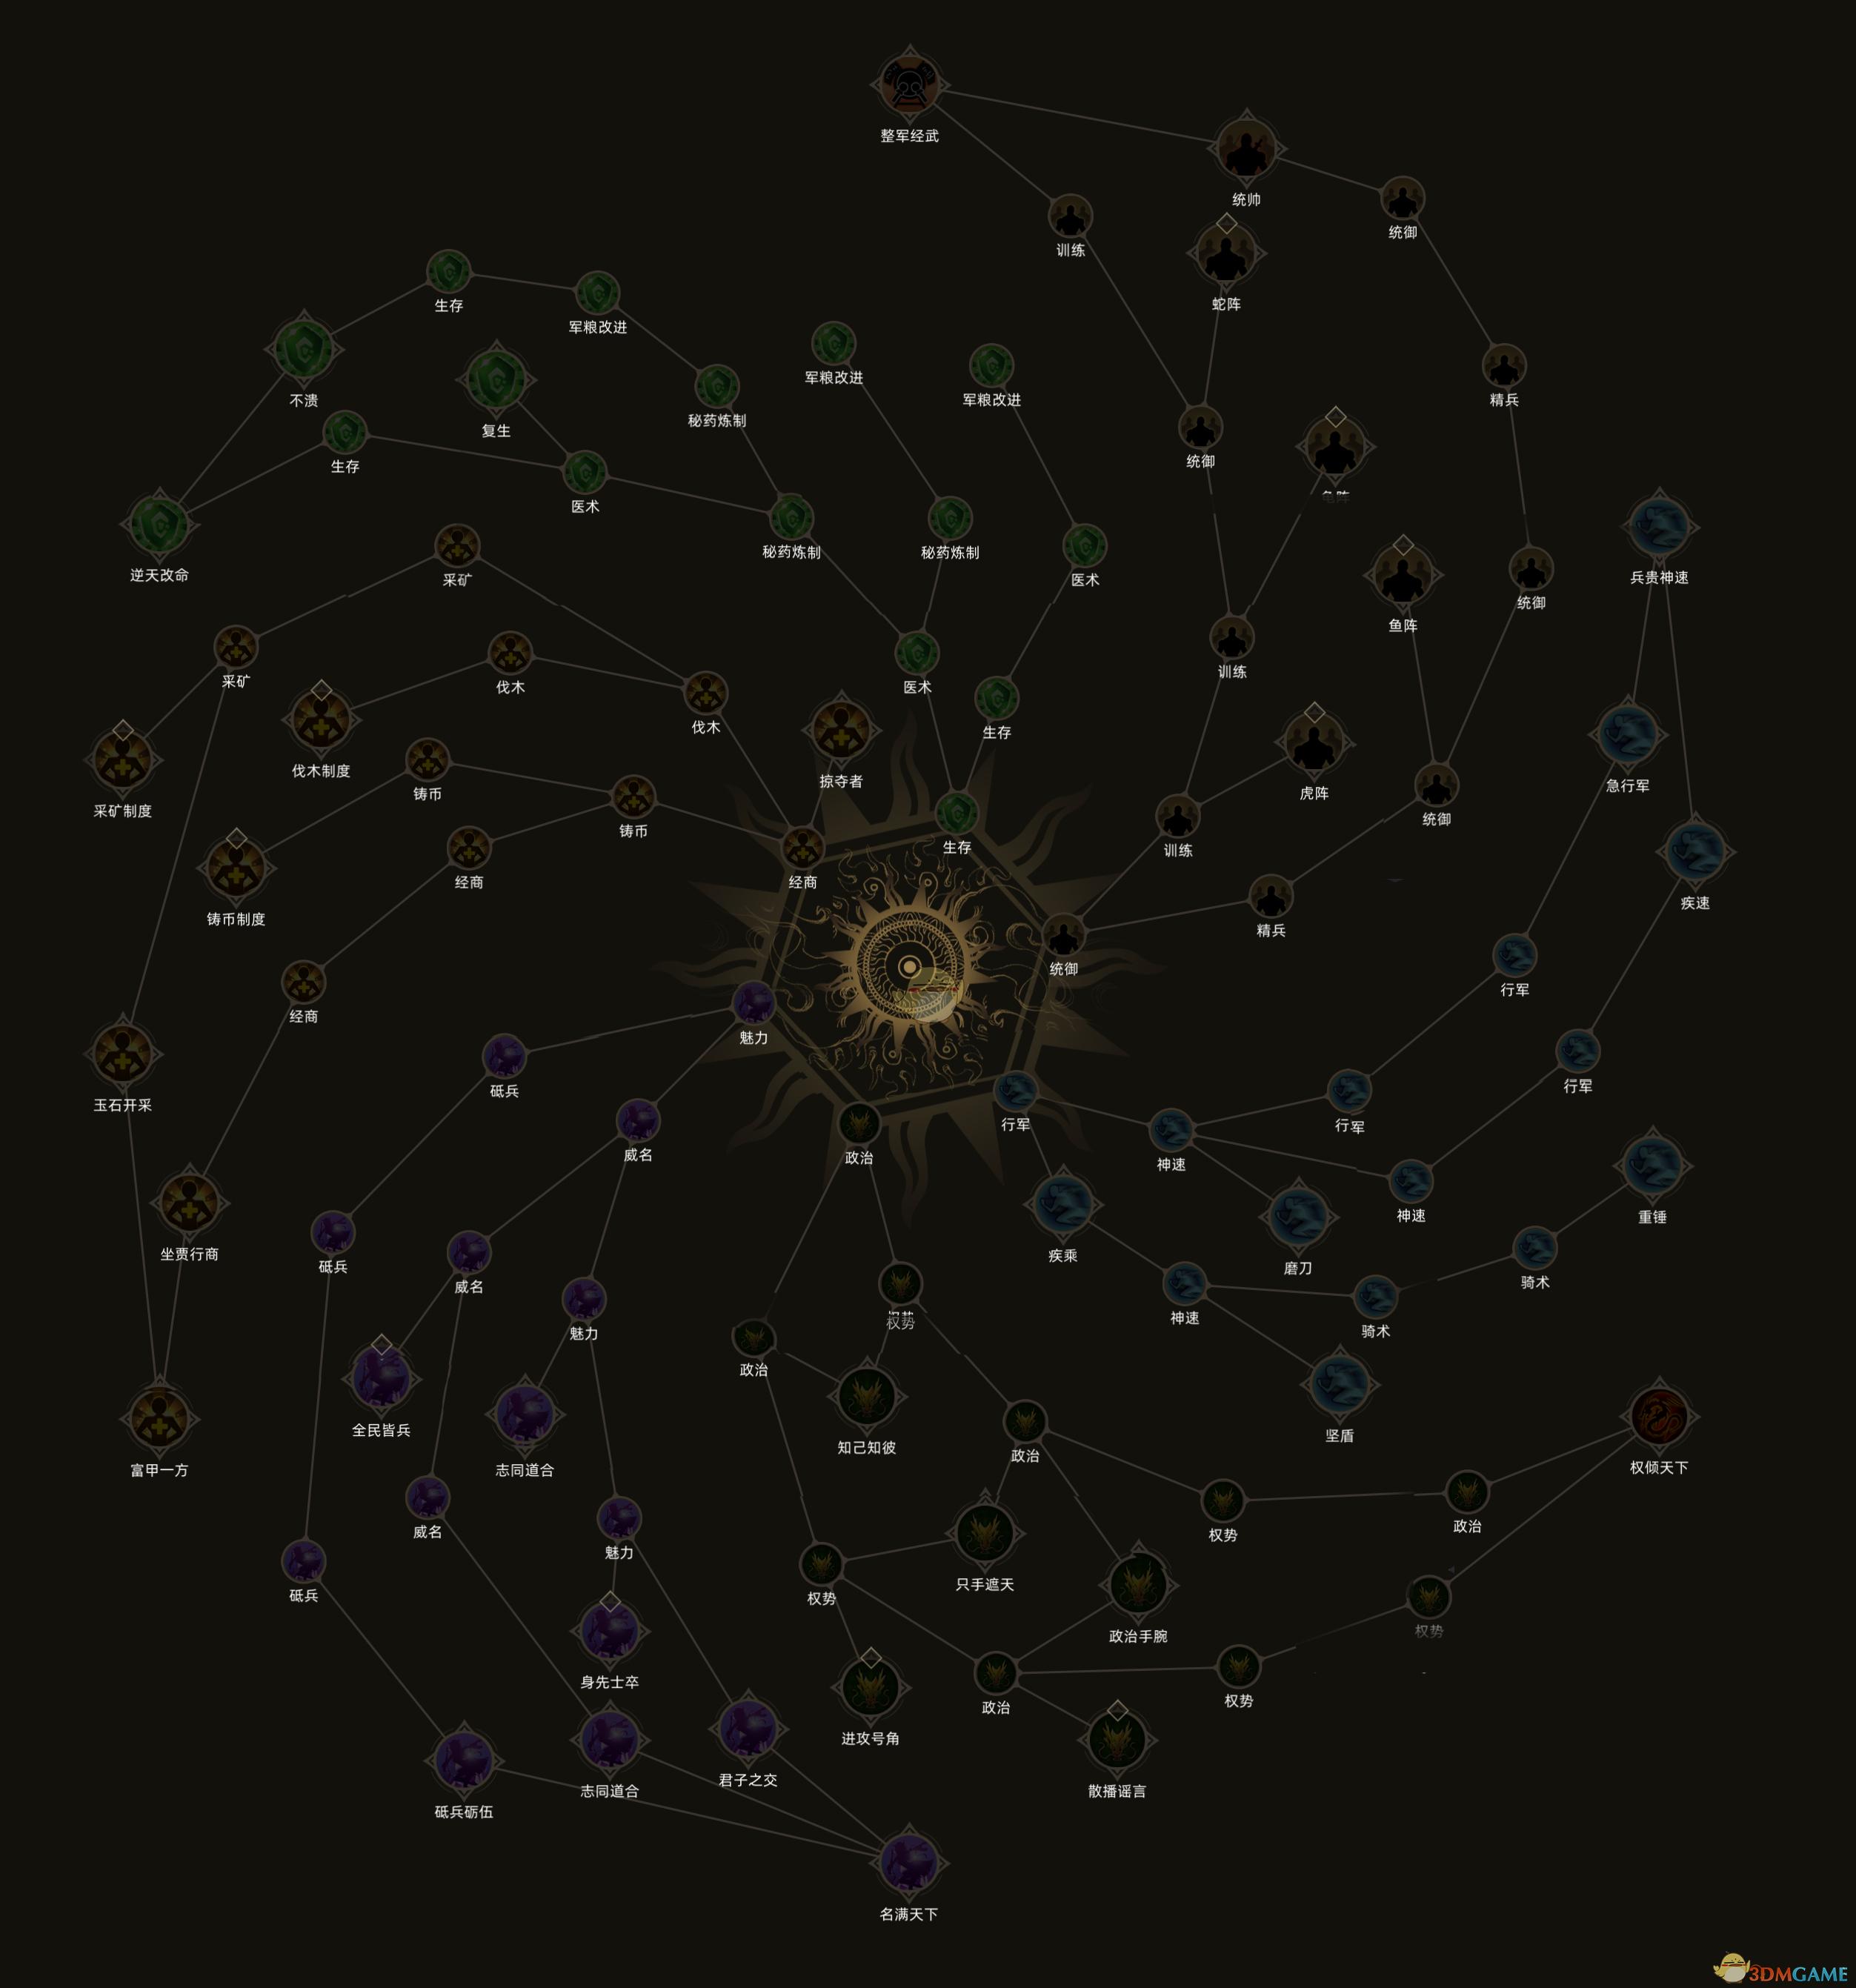 《部落与弯刀》天赋系统介绍